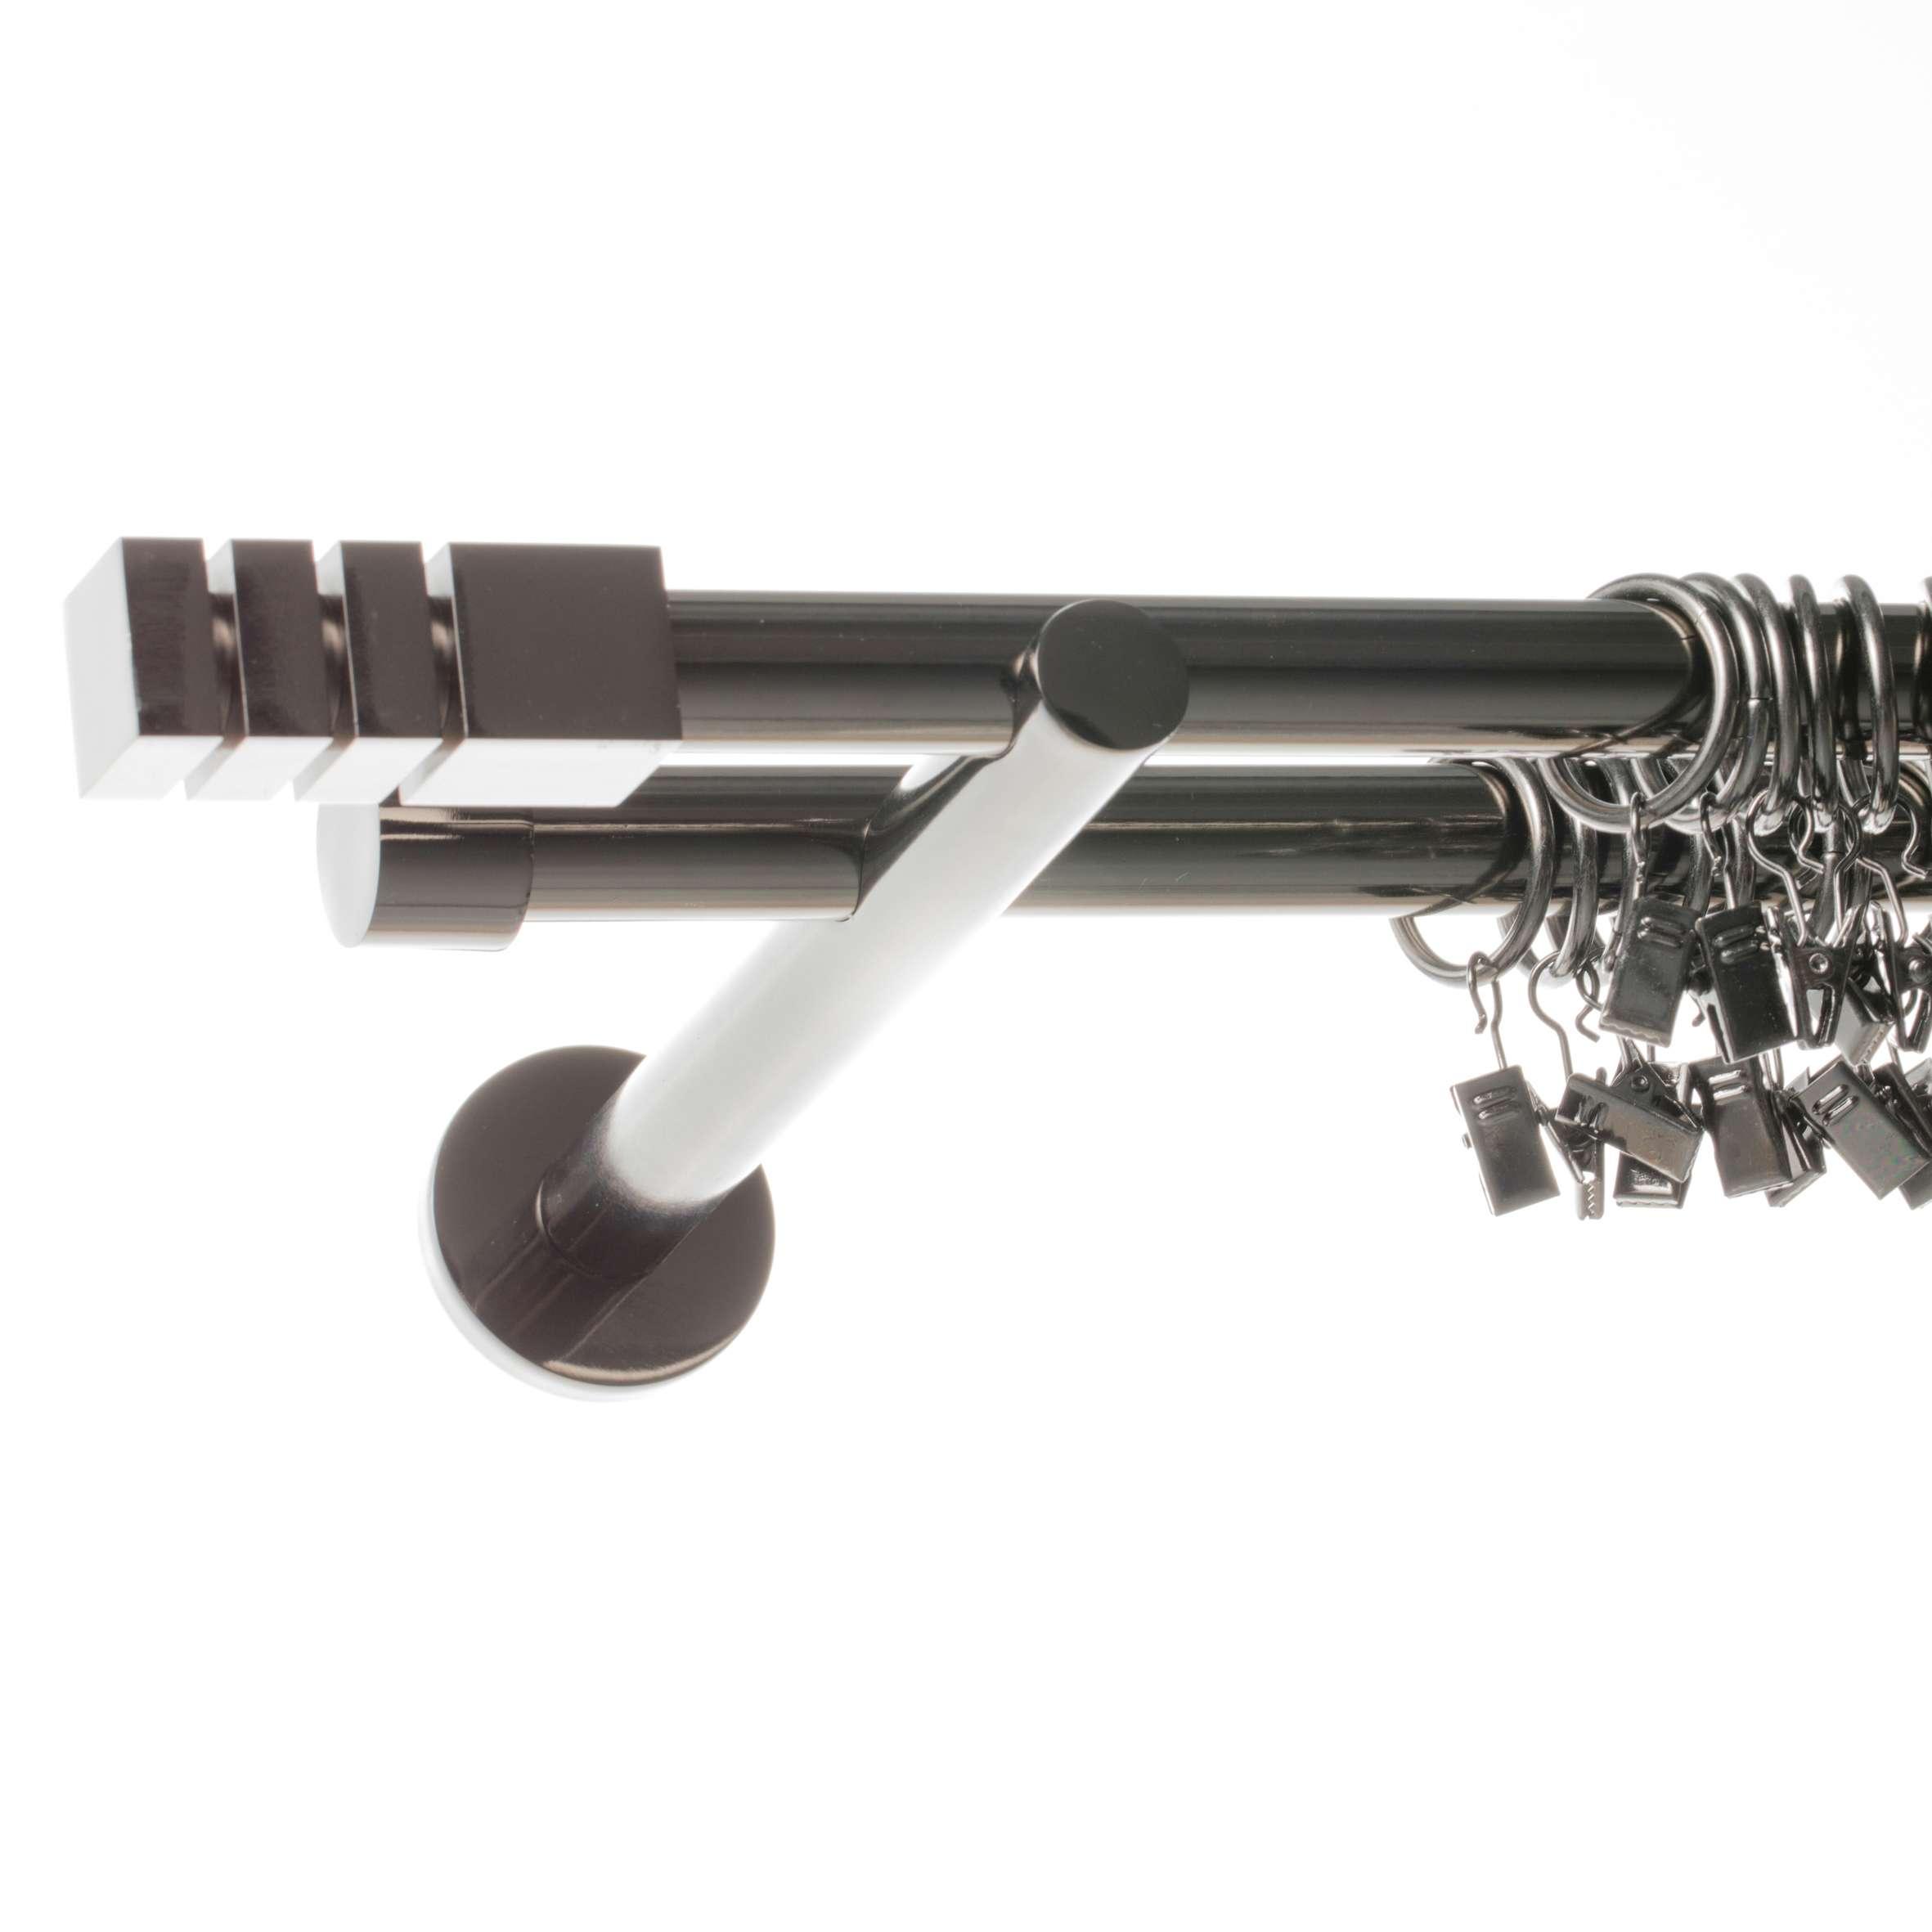 Garniža Nordic titan 160 cm - dvojitá